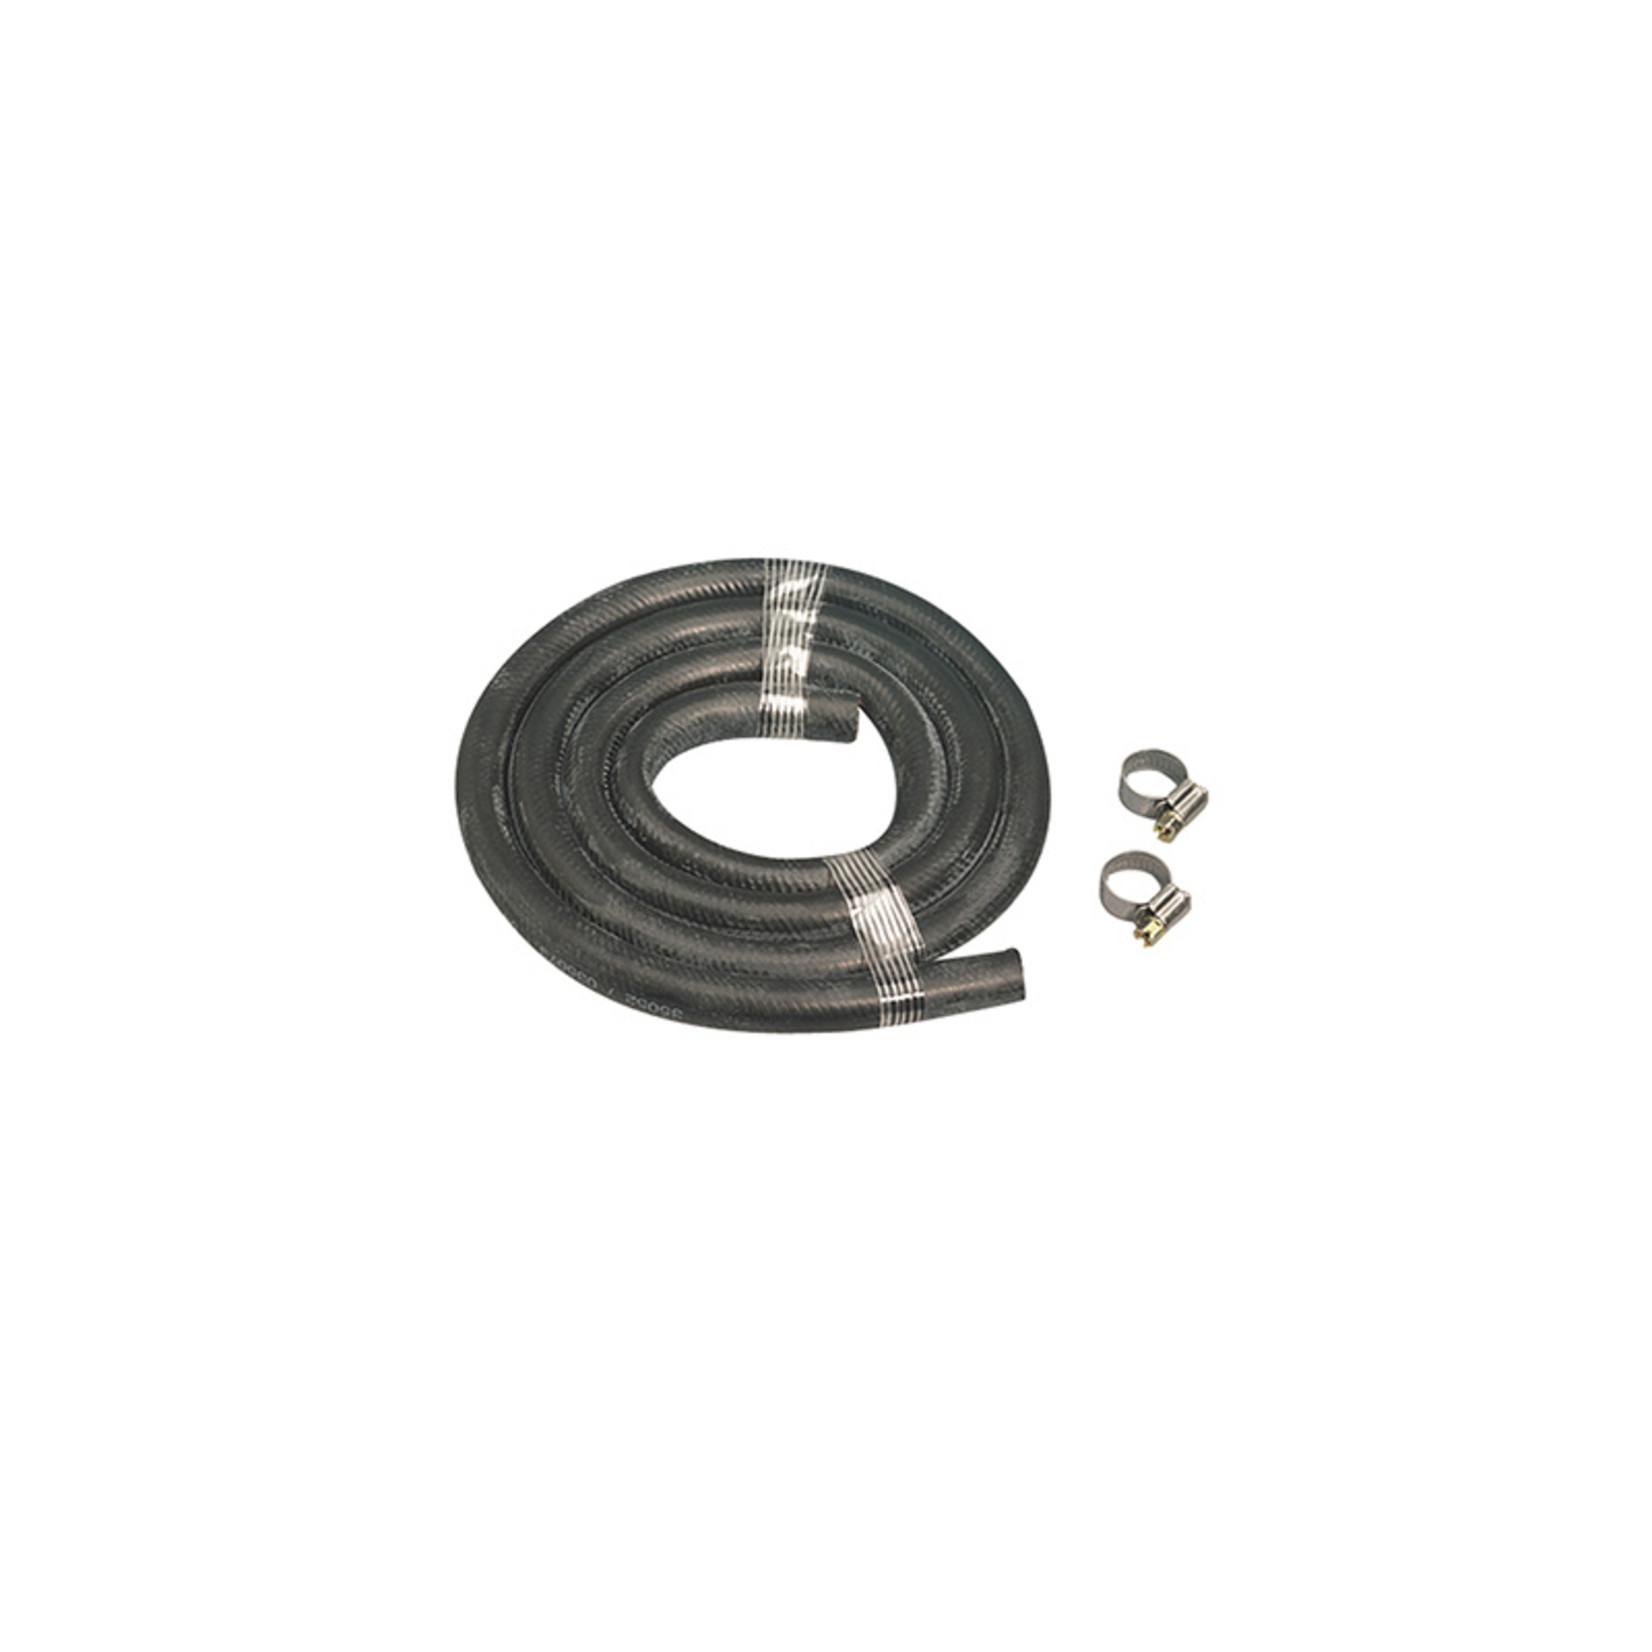 Gloria onderdelen Slang 1.40m incl. 2 slangklemmen voor Hogedrukspuiten